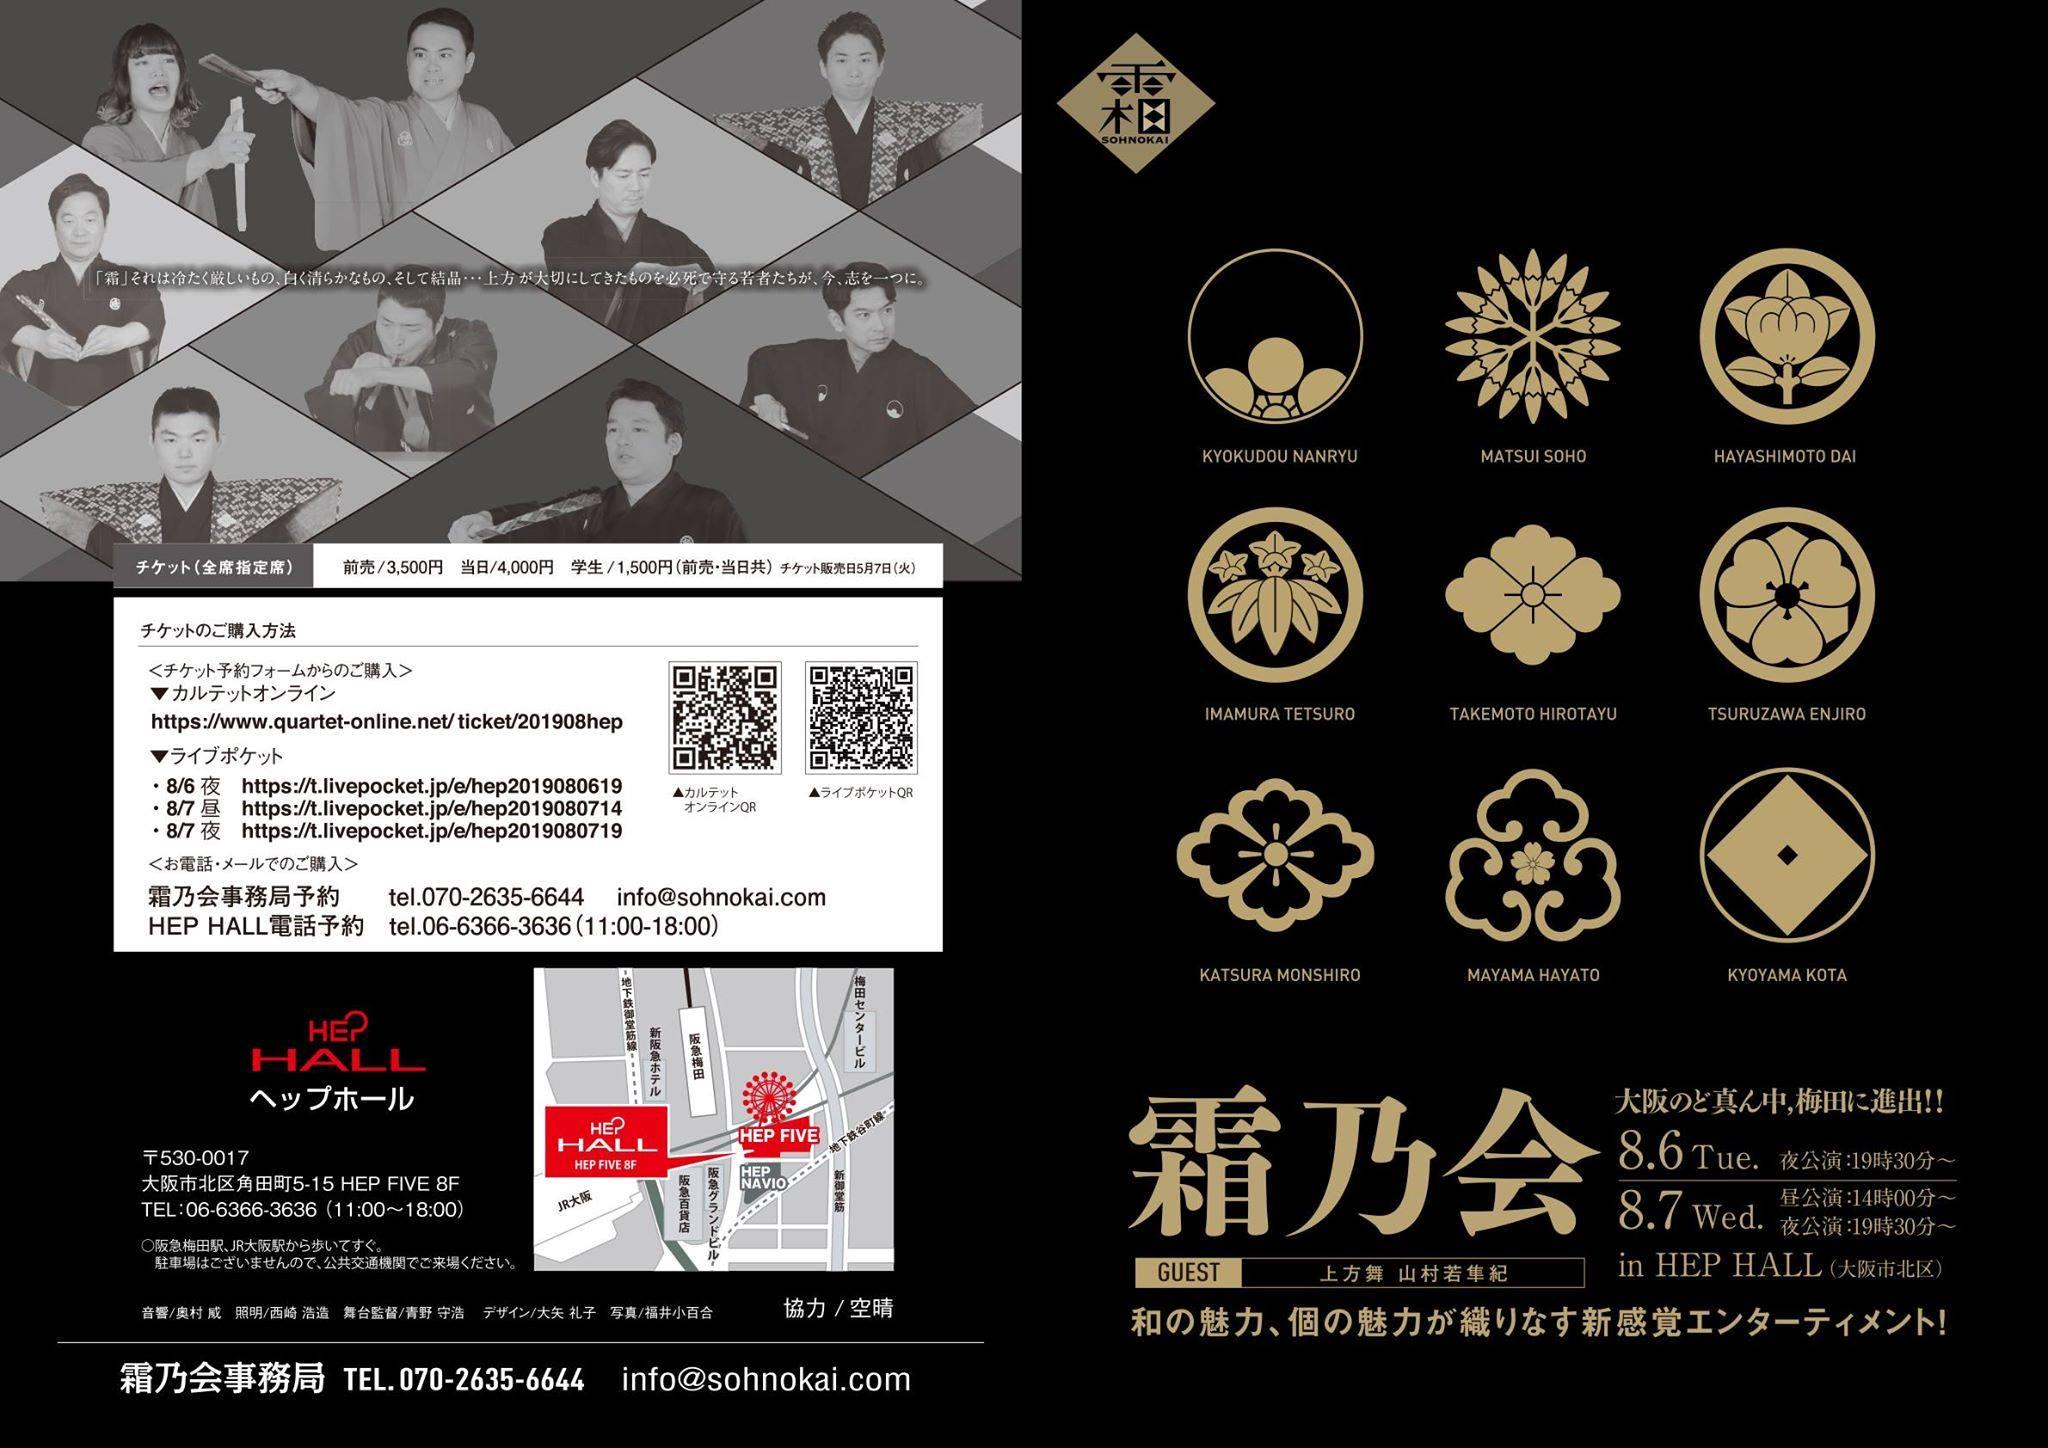 霜乃会2019年8月HEP HALL公演